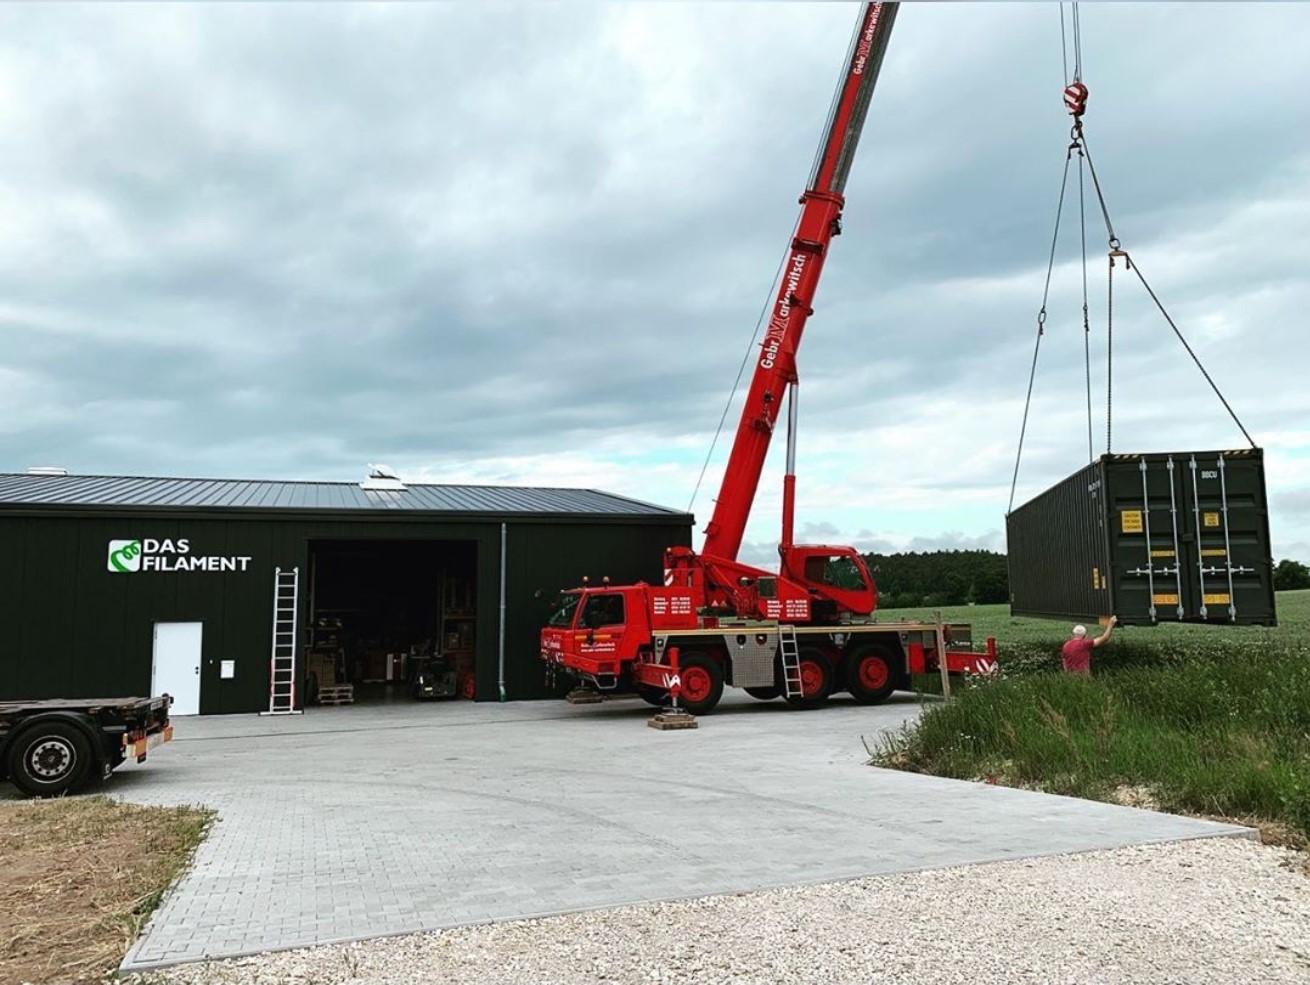 40 Fuß Container, die einfachste Art, sich mehr Fläche zu verschaffen :D